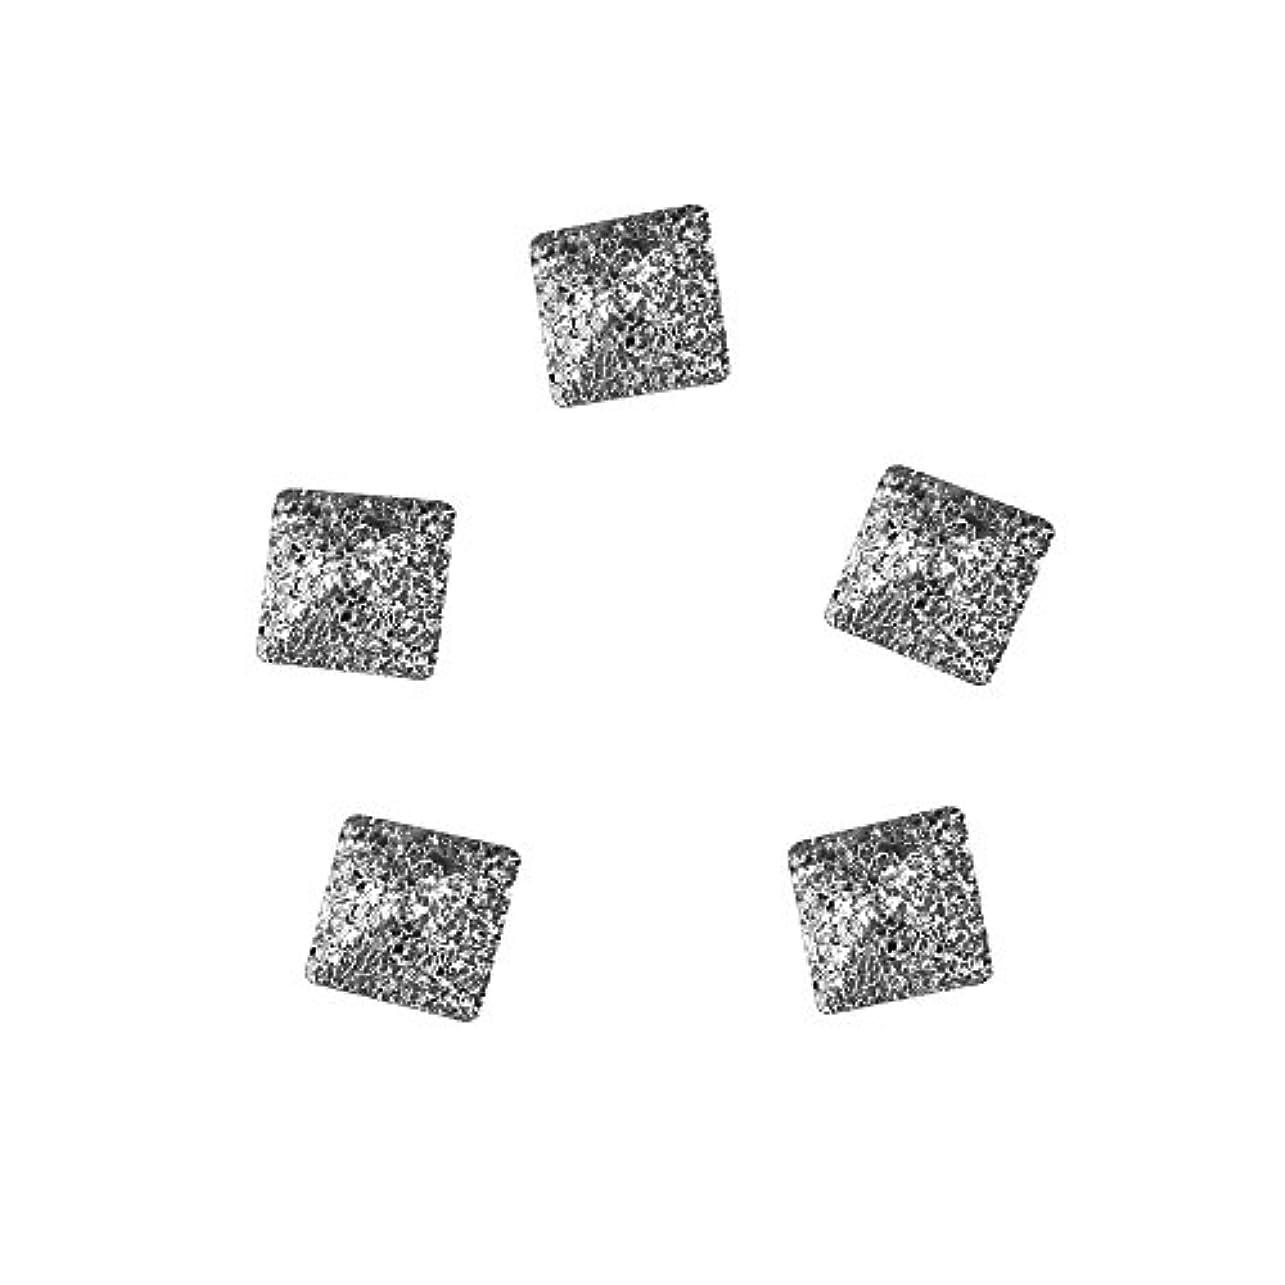 第二トースト批判Bonnail ラフスタッズシルバースクエア 2mm